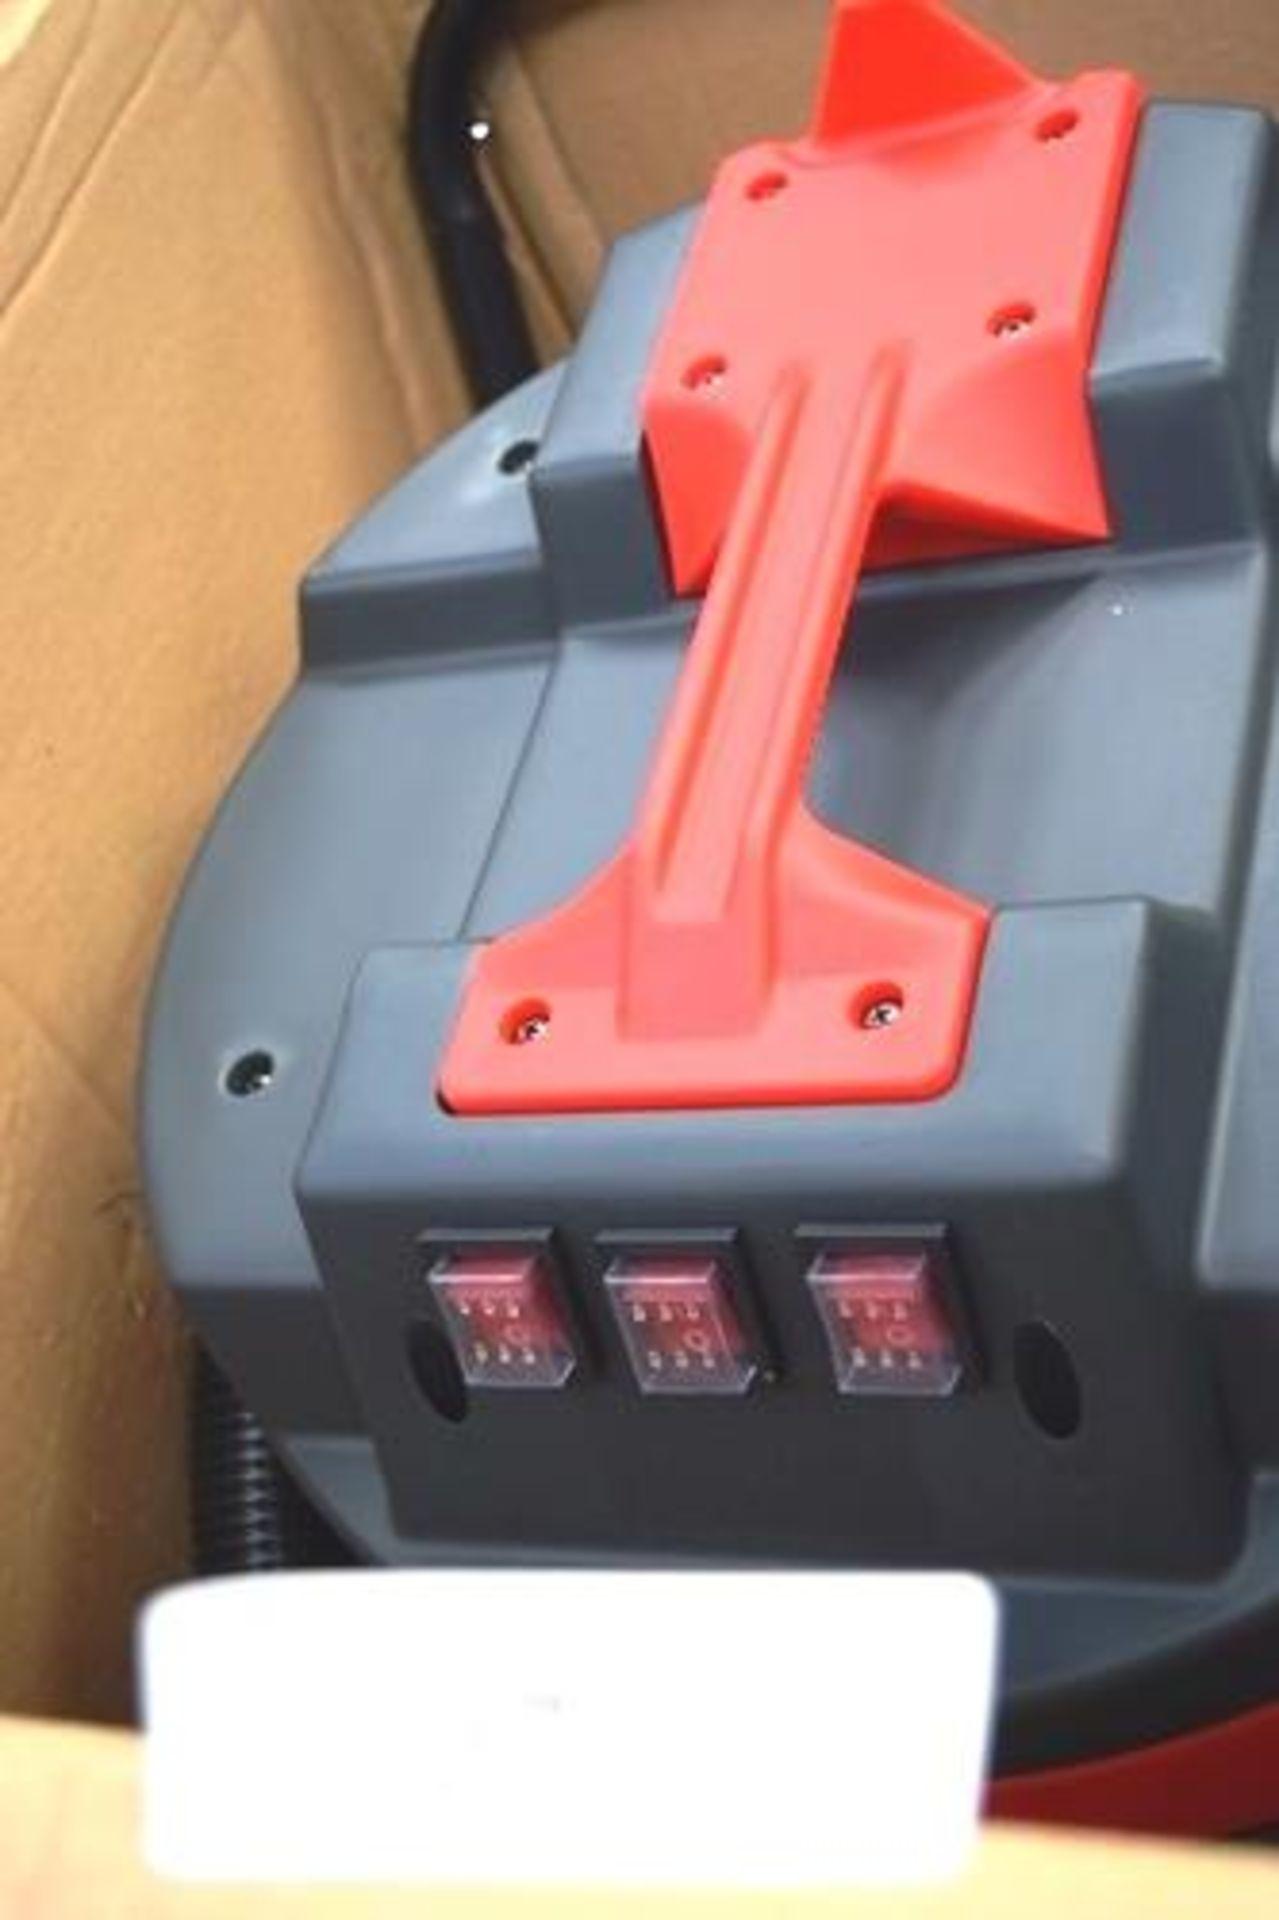 1 x Max Blast wet & dry 90ltr industrial vacuum, SKU: 25579 - New in box, box slightly tatty (